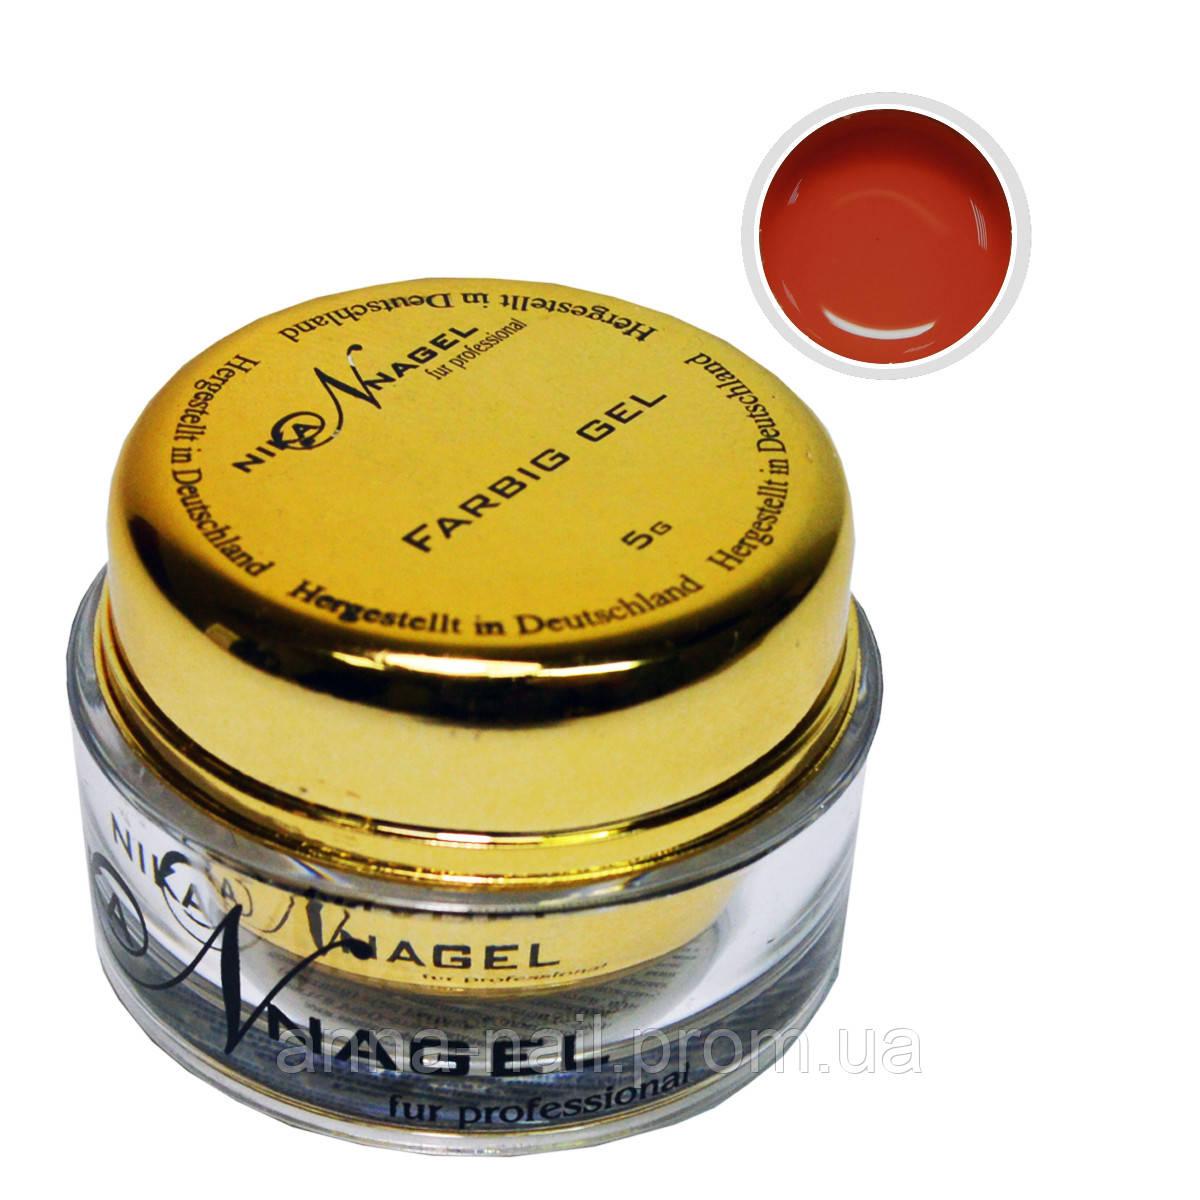 Гель для китайской росписи NIKA NAGEL Жжёный кирпич K26 коричневый, 5 г